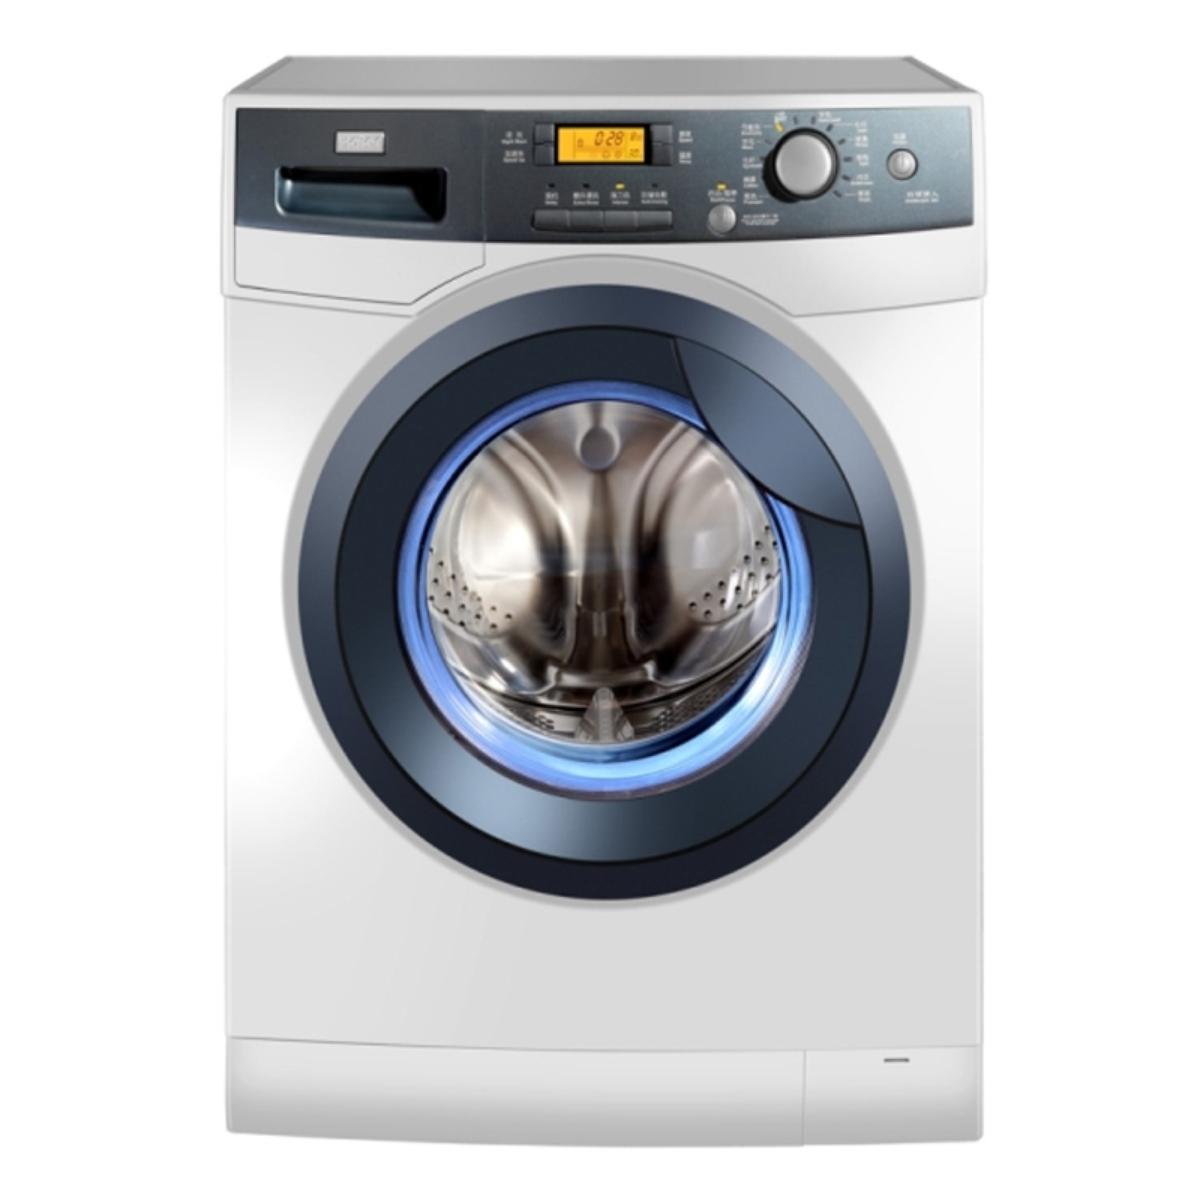 滚筒洗衣机买什么好_海尔滚筒洗衣机型号_海尔滚筒洗衣机配件_淘宝助理